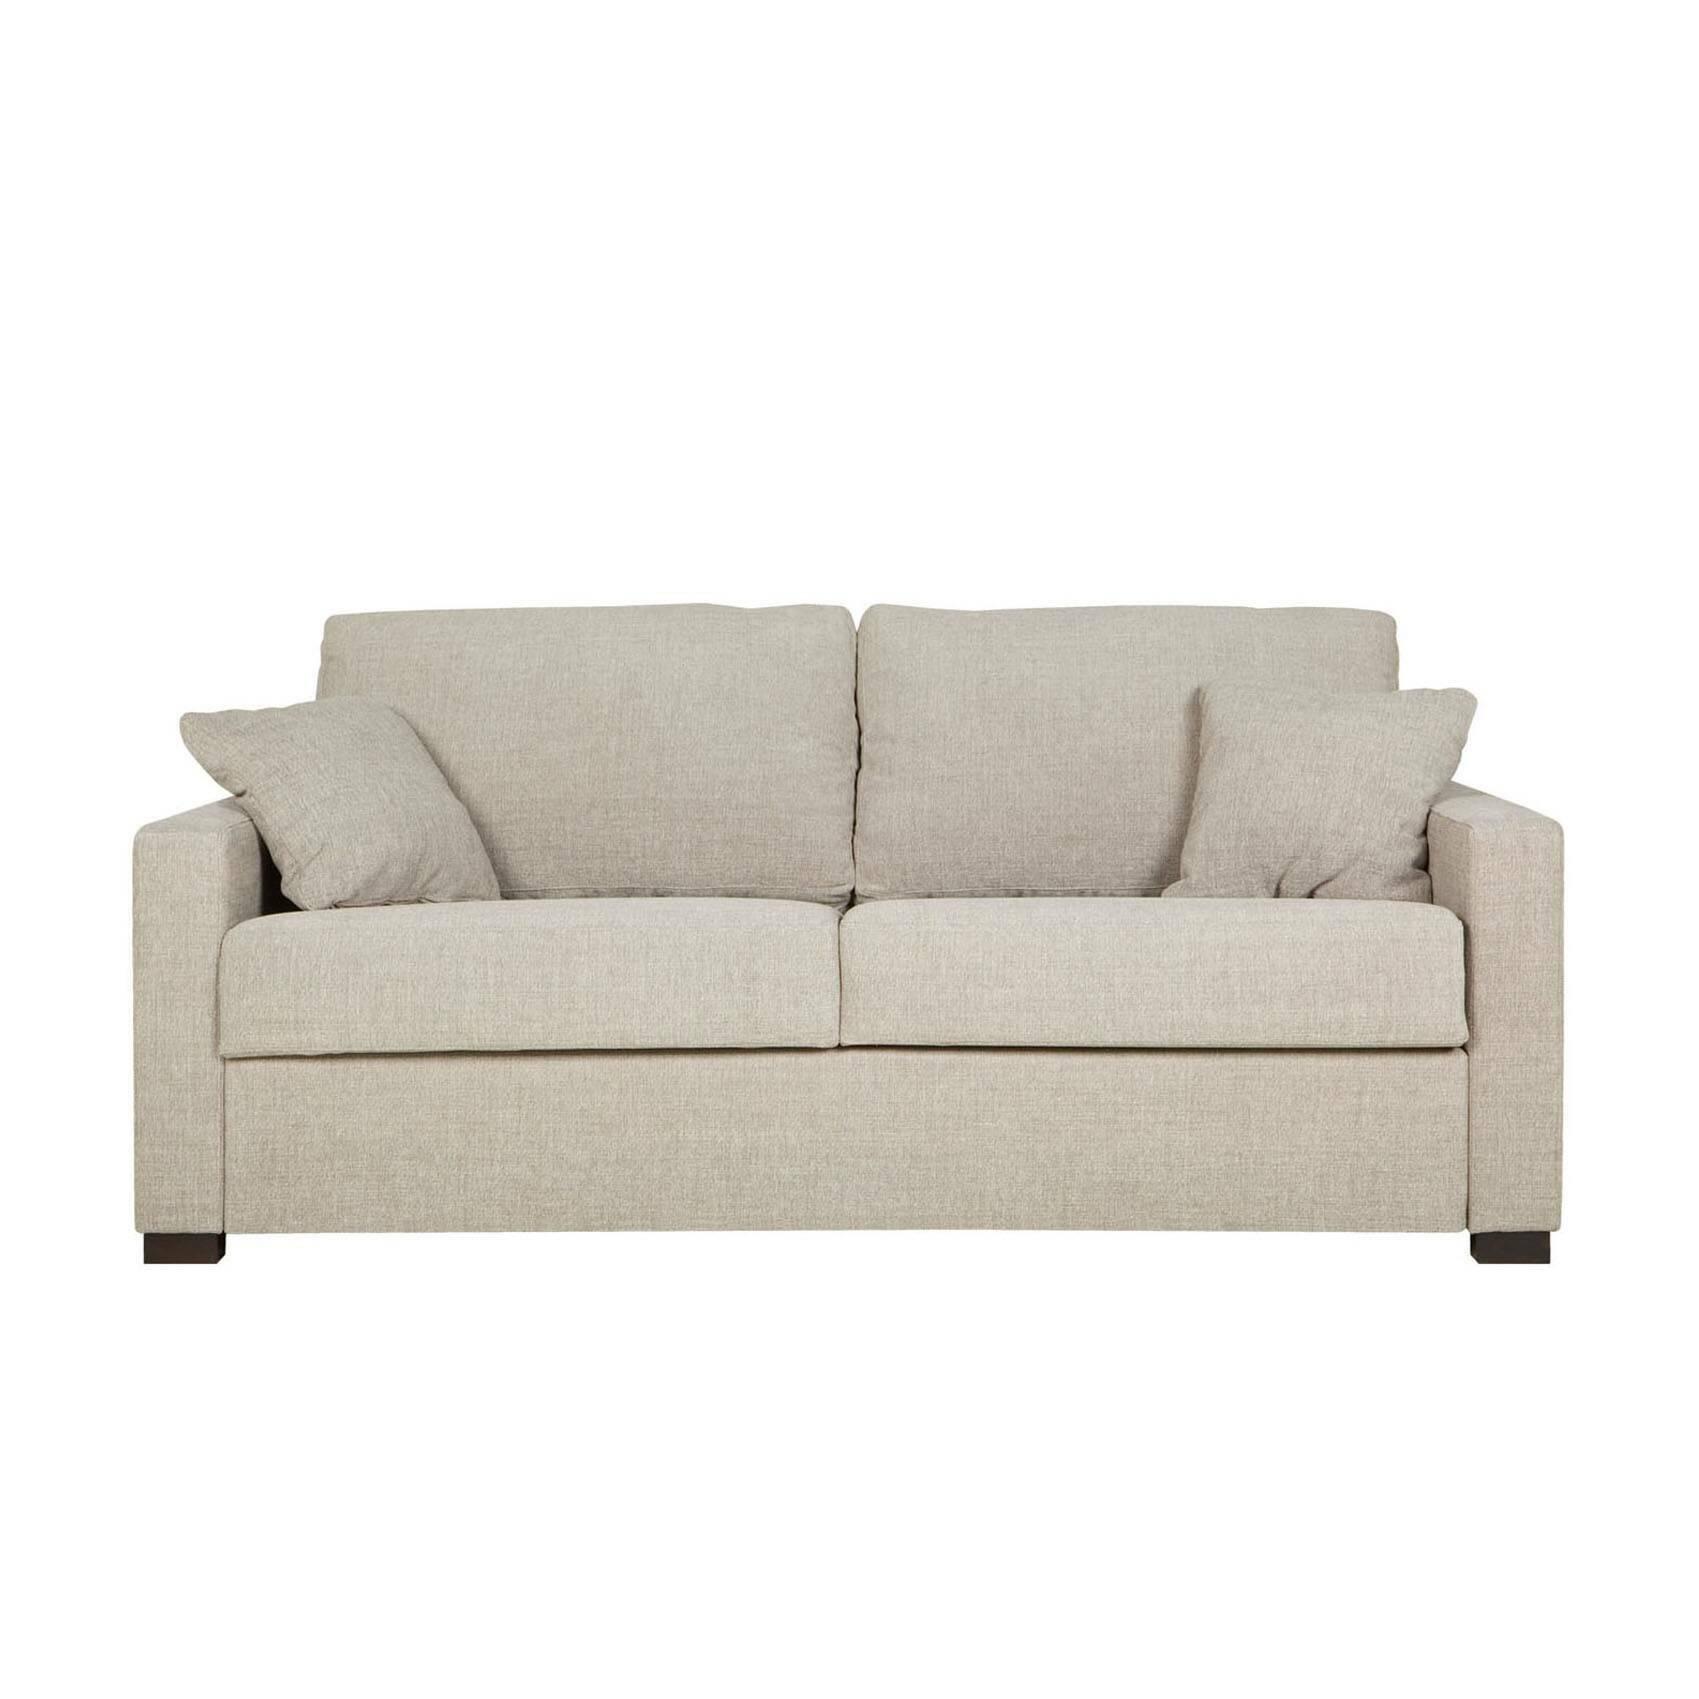 Диван Lukas раскладной трехместныйРаскладные<br>Дизайнерский удобный раскладной диван Lukas (Лукас) с тканевой обивкой на черных ножках от Sits (Ситс).<br> Необычайно удобный диван Lukas раскладной трехместный является ярким представителем строгой, но элегантной классики. Дизайнеры известнейшей компания мягкой мебели Sits не только создали диван приятных простых форм, но и придали ему легкий изысканный шарм, который способен преобразить все помещение. Lukas также снабжен маленькими декоративными подушками, что делает его внешний вид особенн...<br><br>stock: 0<br>Высота: 88<br>Высота сиденья: 48<br>Глубина: 100<br>Длина: 196<br>Цвет ножек: Черный<br>Механизмы: Раскладной<br>Материал обивки: Полиэстер<br>Степень комфортности: Стандарт комфорт<br>Форма подлокотников: Armrest II<br>Коллекция ткани: Категория ткани III<br>Тип материала обивки: Ткань<br>Тип материала ножек: Дерево<br>Размер спального места (см): 195х140<br>Цвет обивки: Бежевый